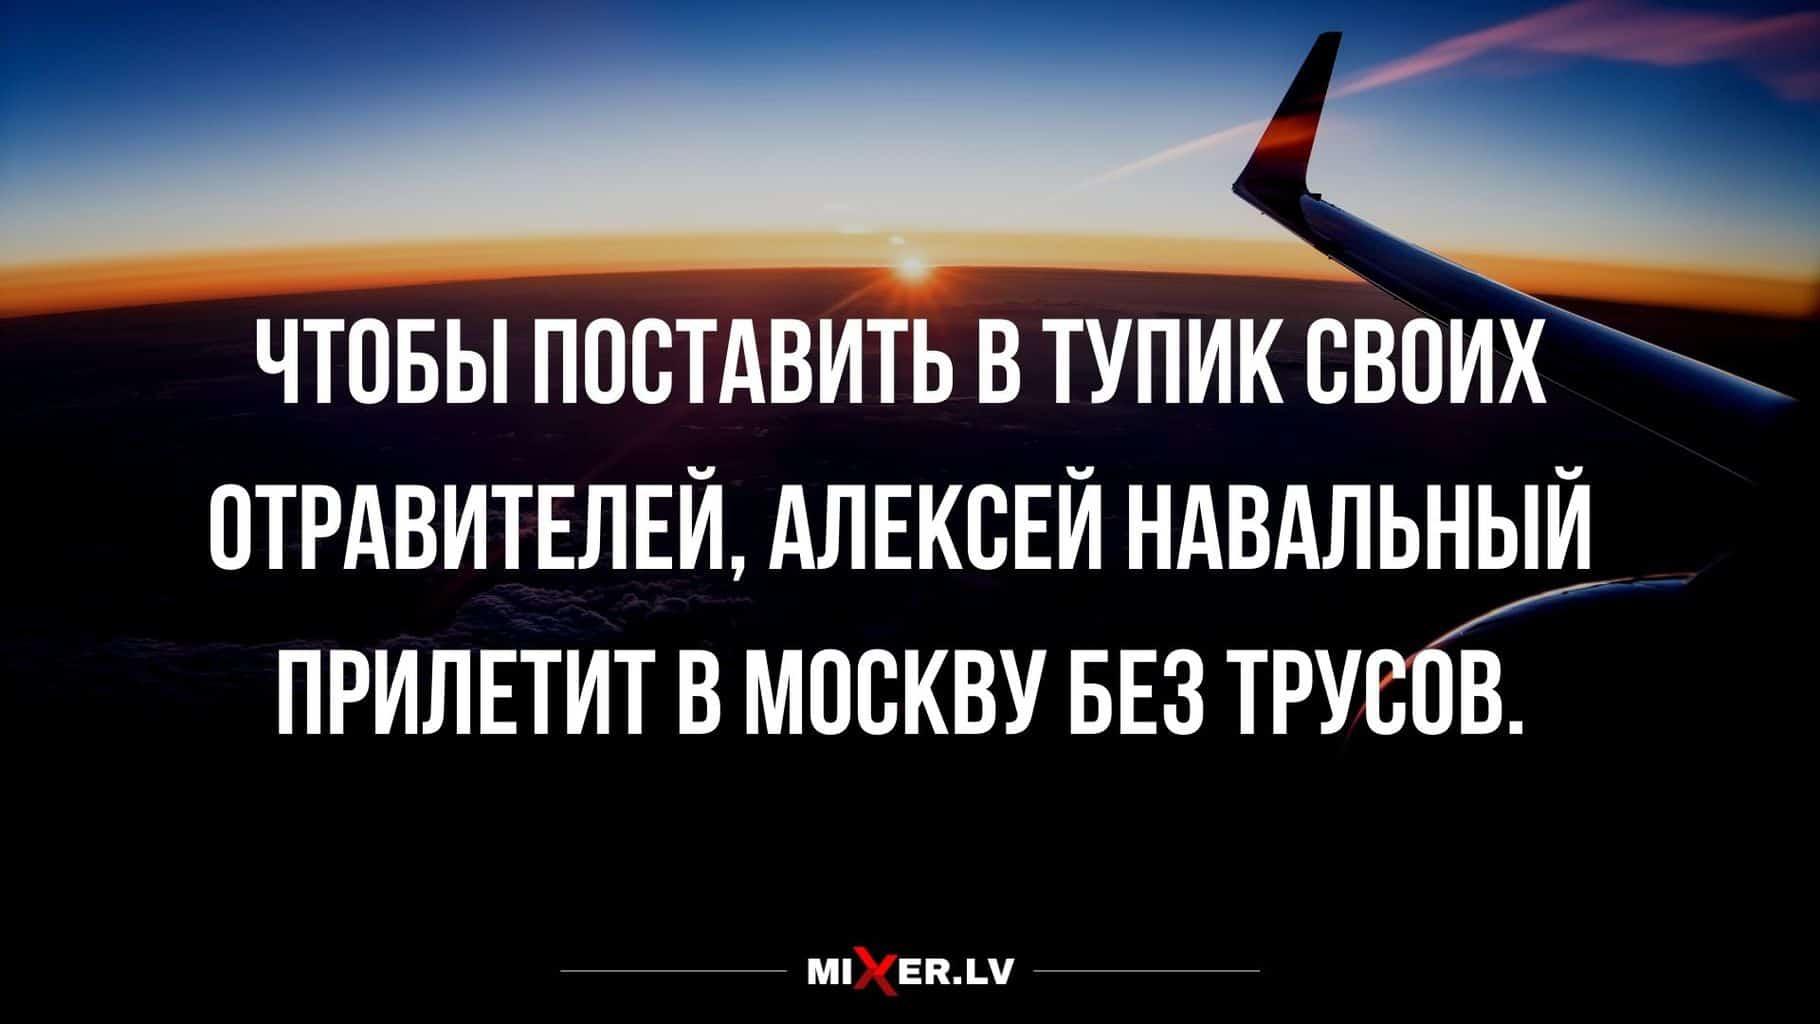 Юмор за сегодня и перелет в Москву